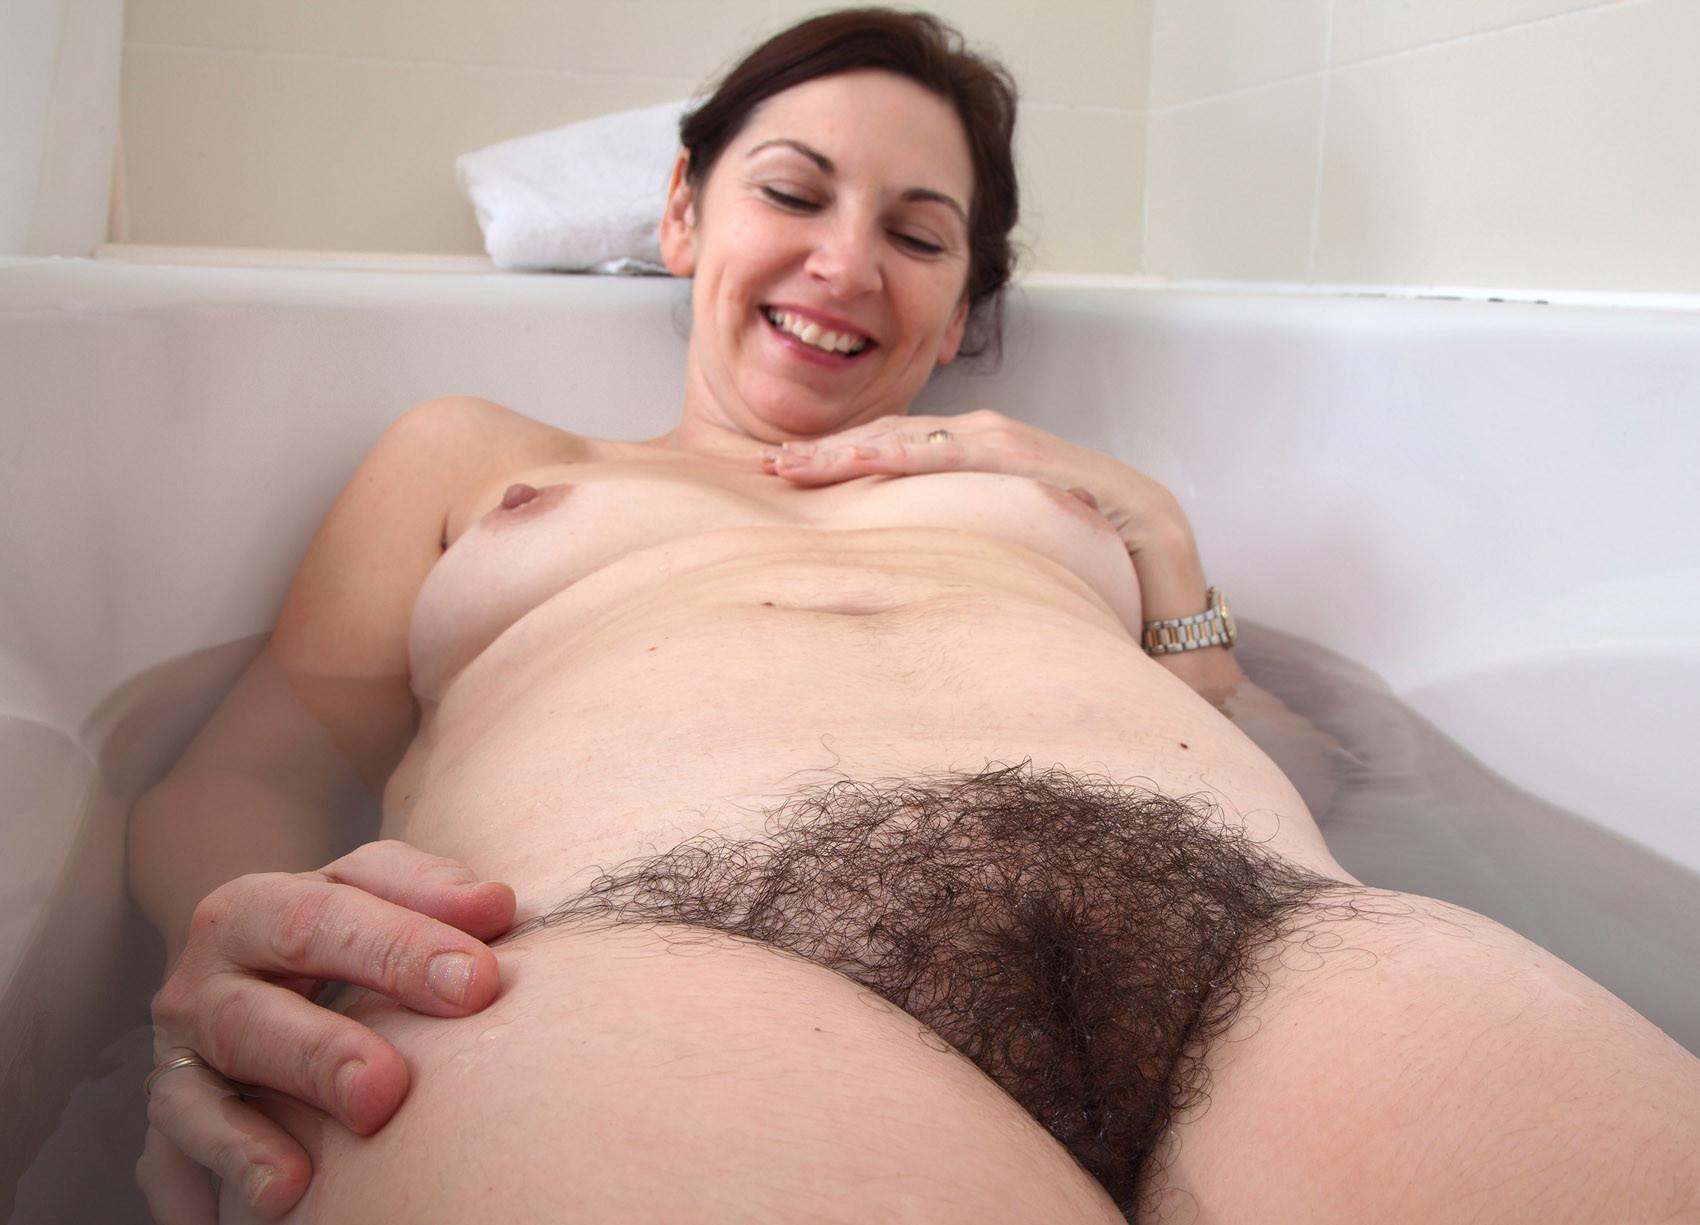 Hairy Bush Nude Naked Women Girls Mature